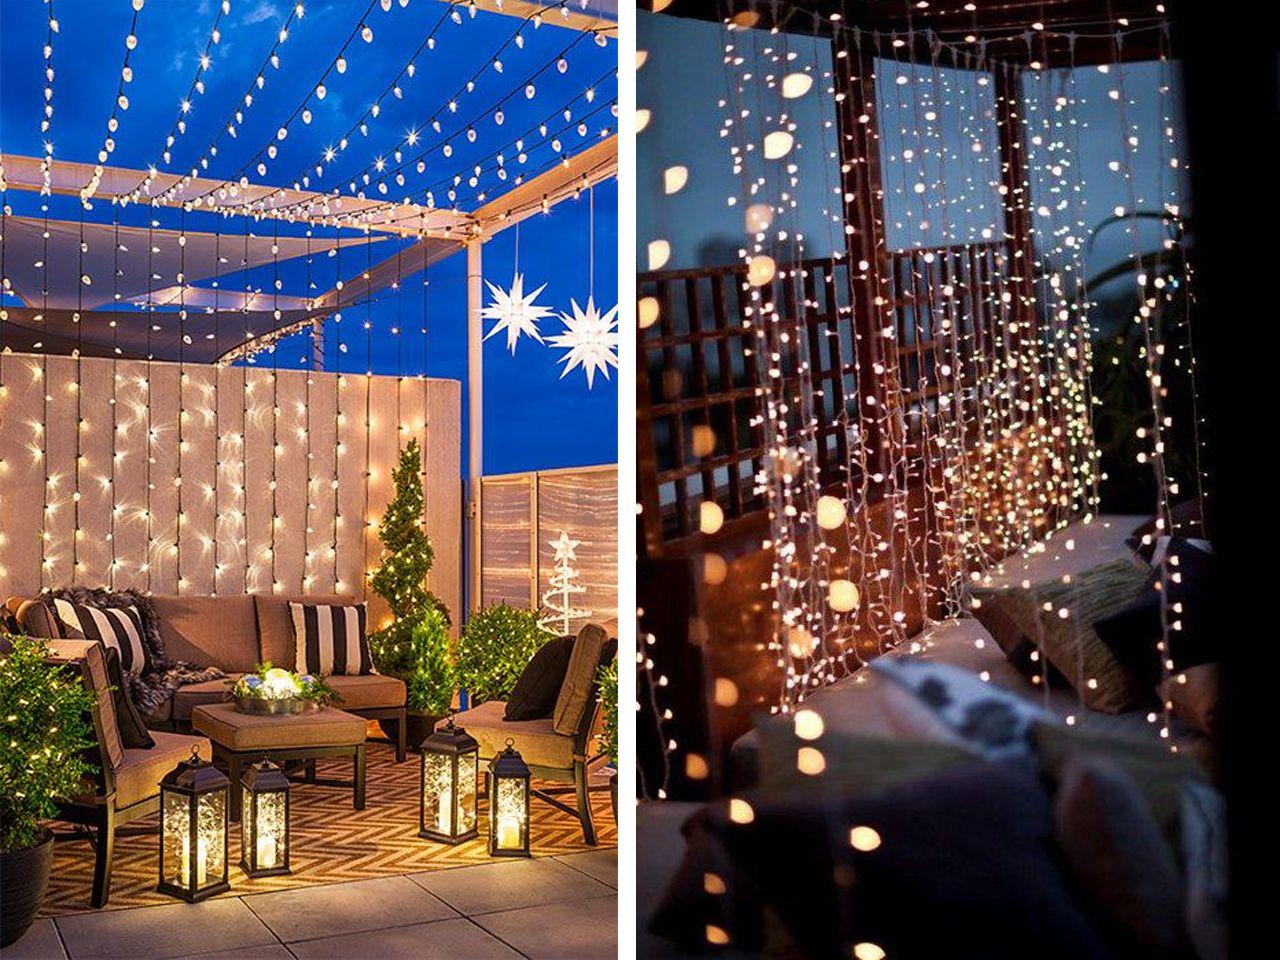 Decoracion Navidena Para Balcones Sacales El Maximo Partido Decoracion Con Luces Navidenas Decoracion Navidena Exterior Luces De Navidad Exteriores